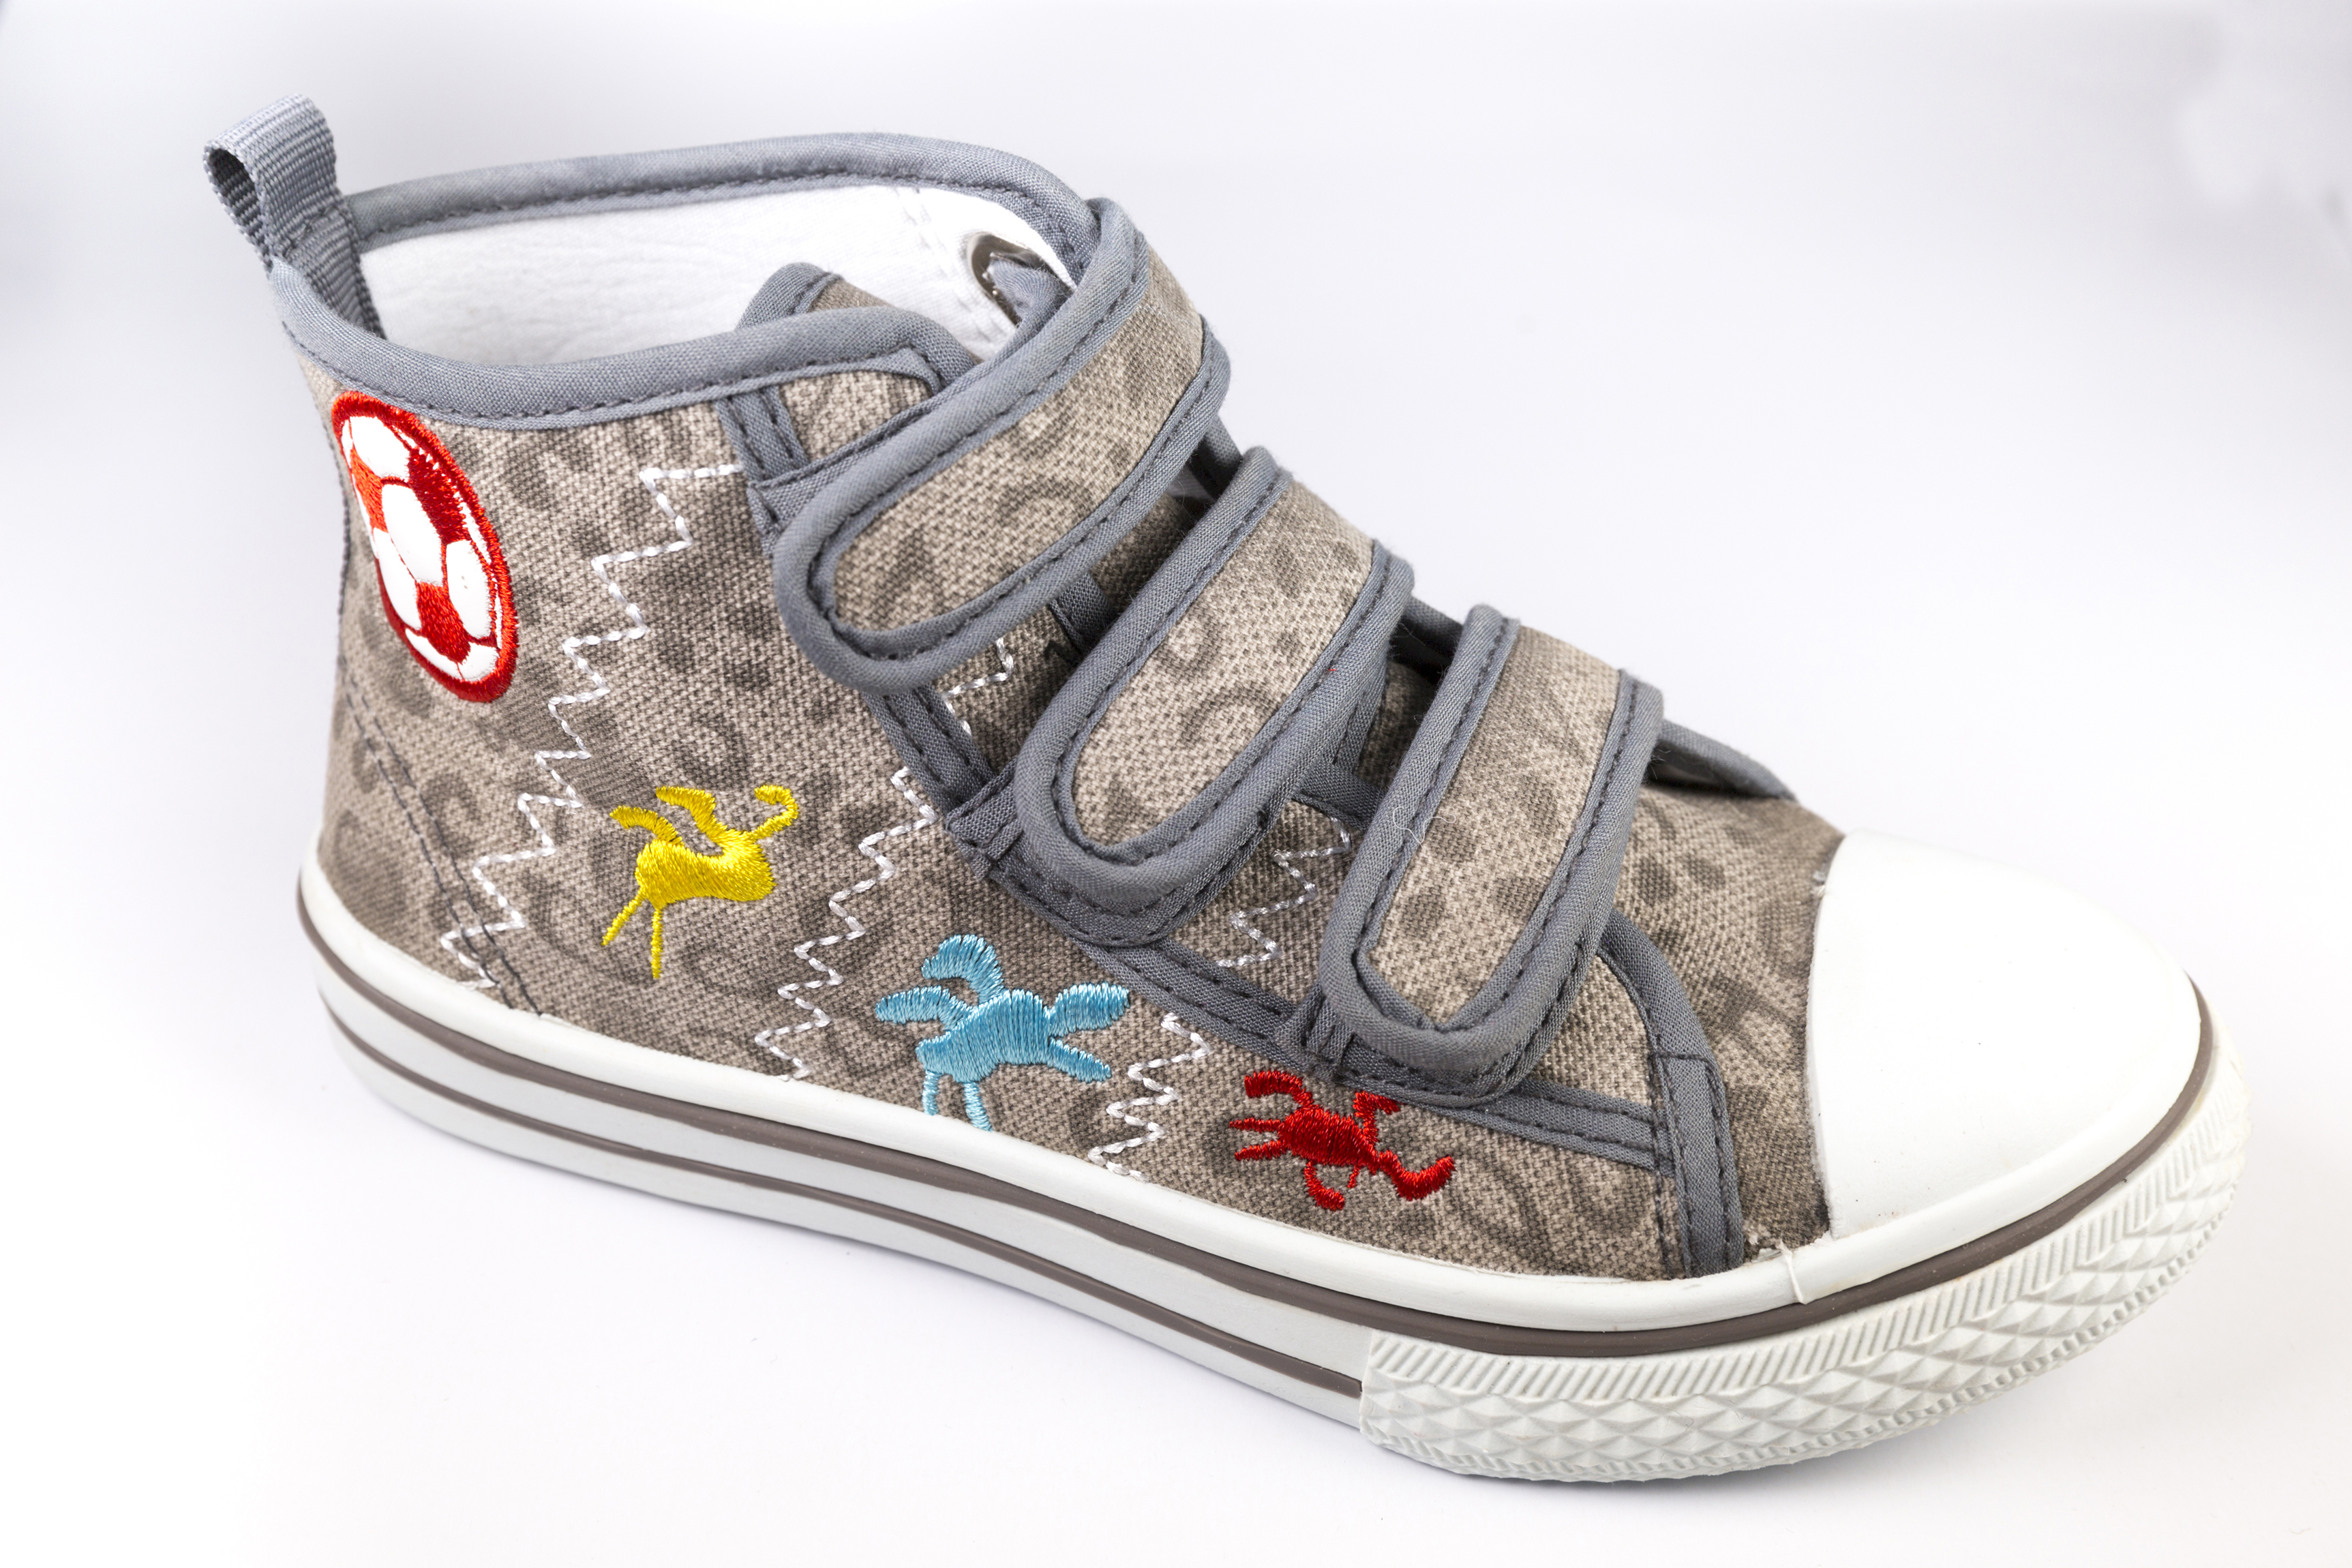 广州儿童高帮帆布鞋厂家,儿童高帮帆布鞋,儿童高帮帆布鞋设计定制